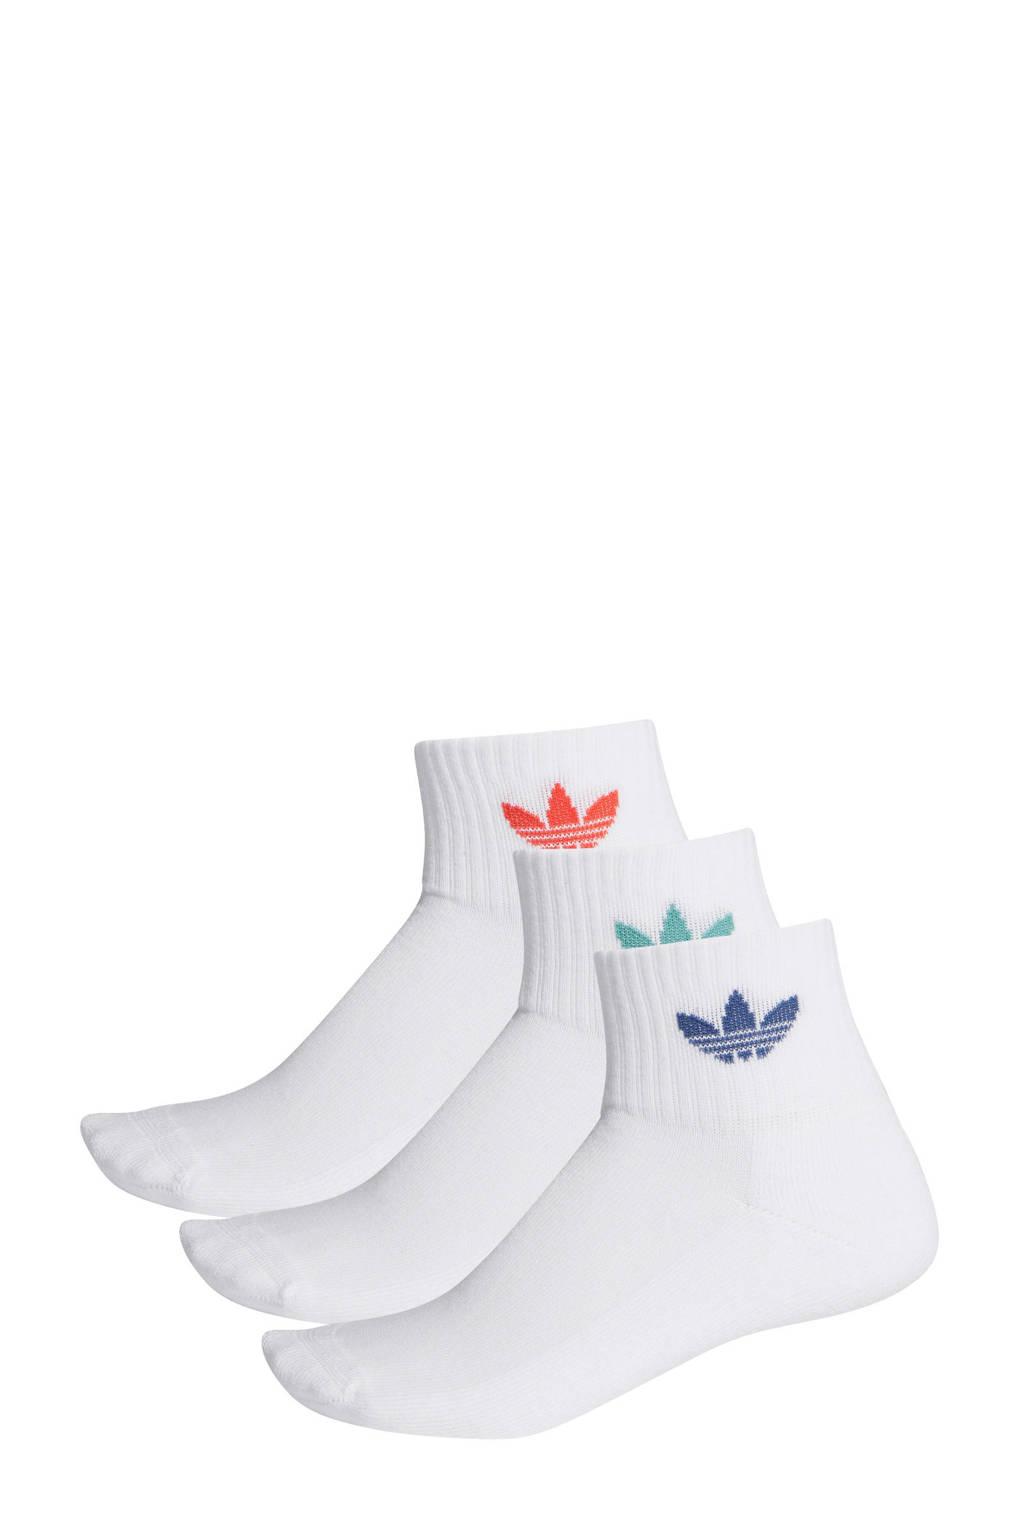 adidas Originals   sportsokken wit (set van 3), Wit